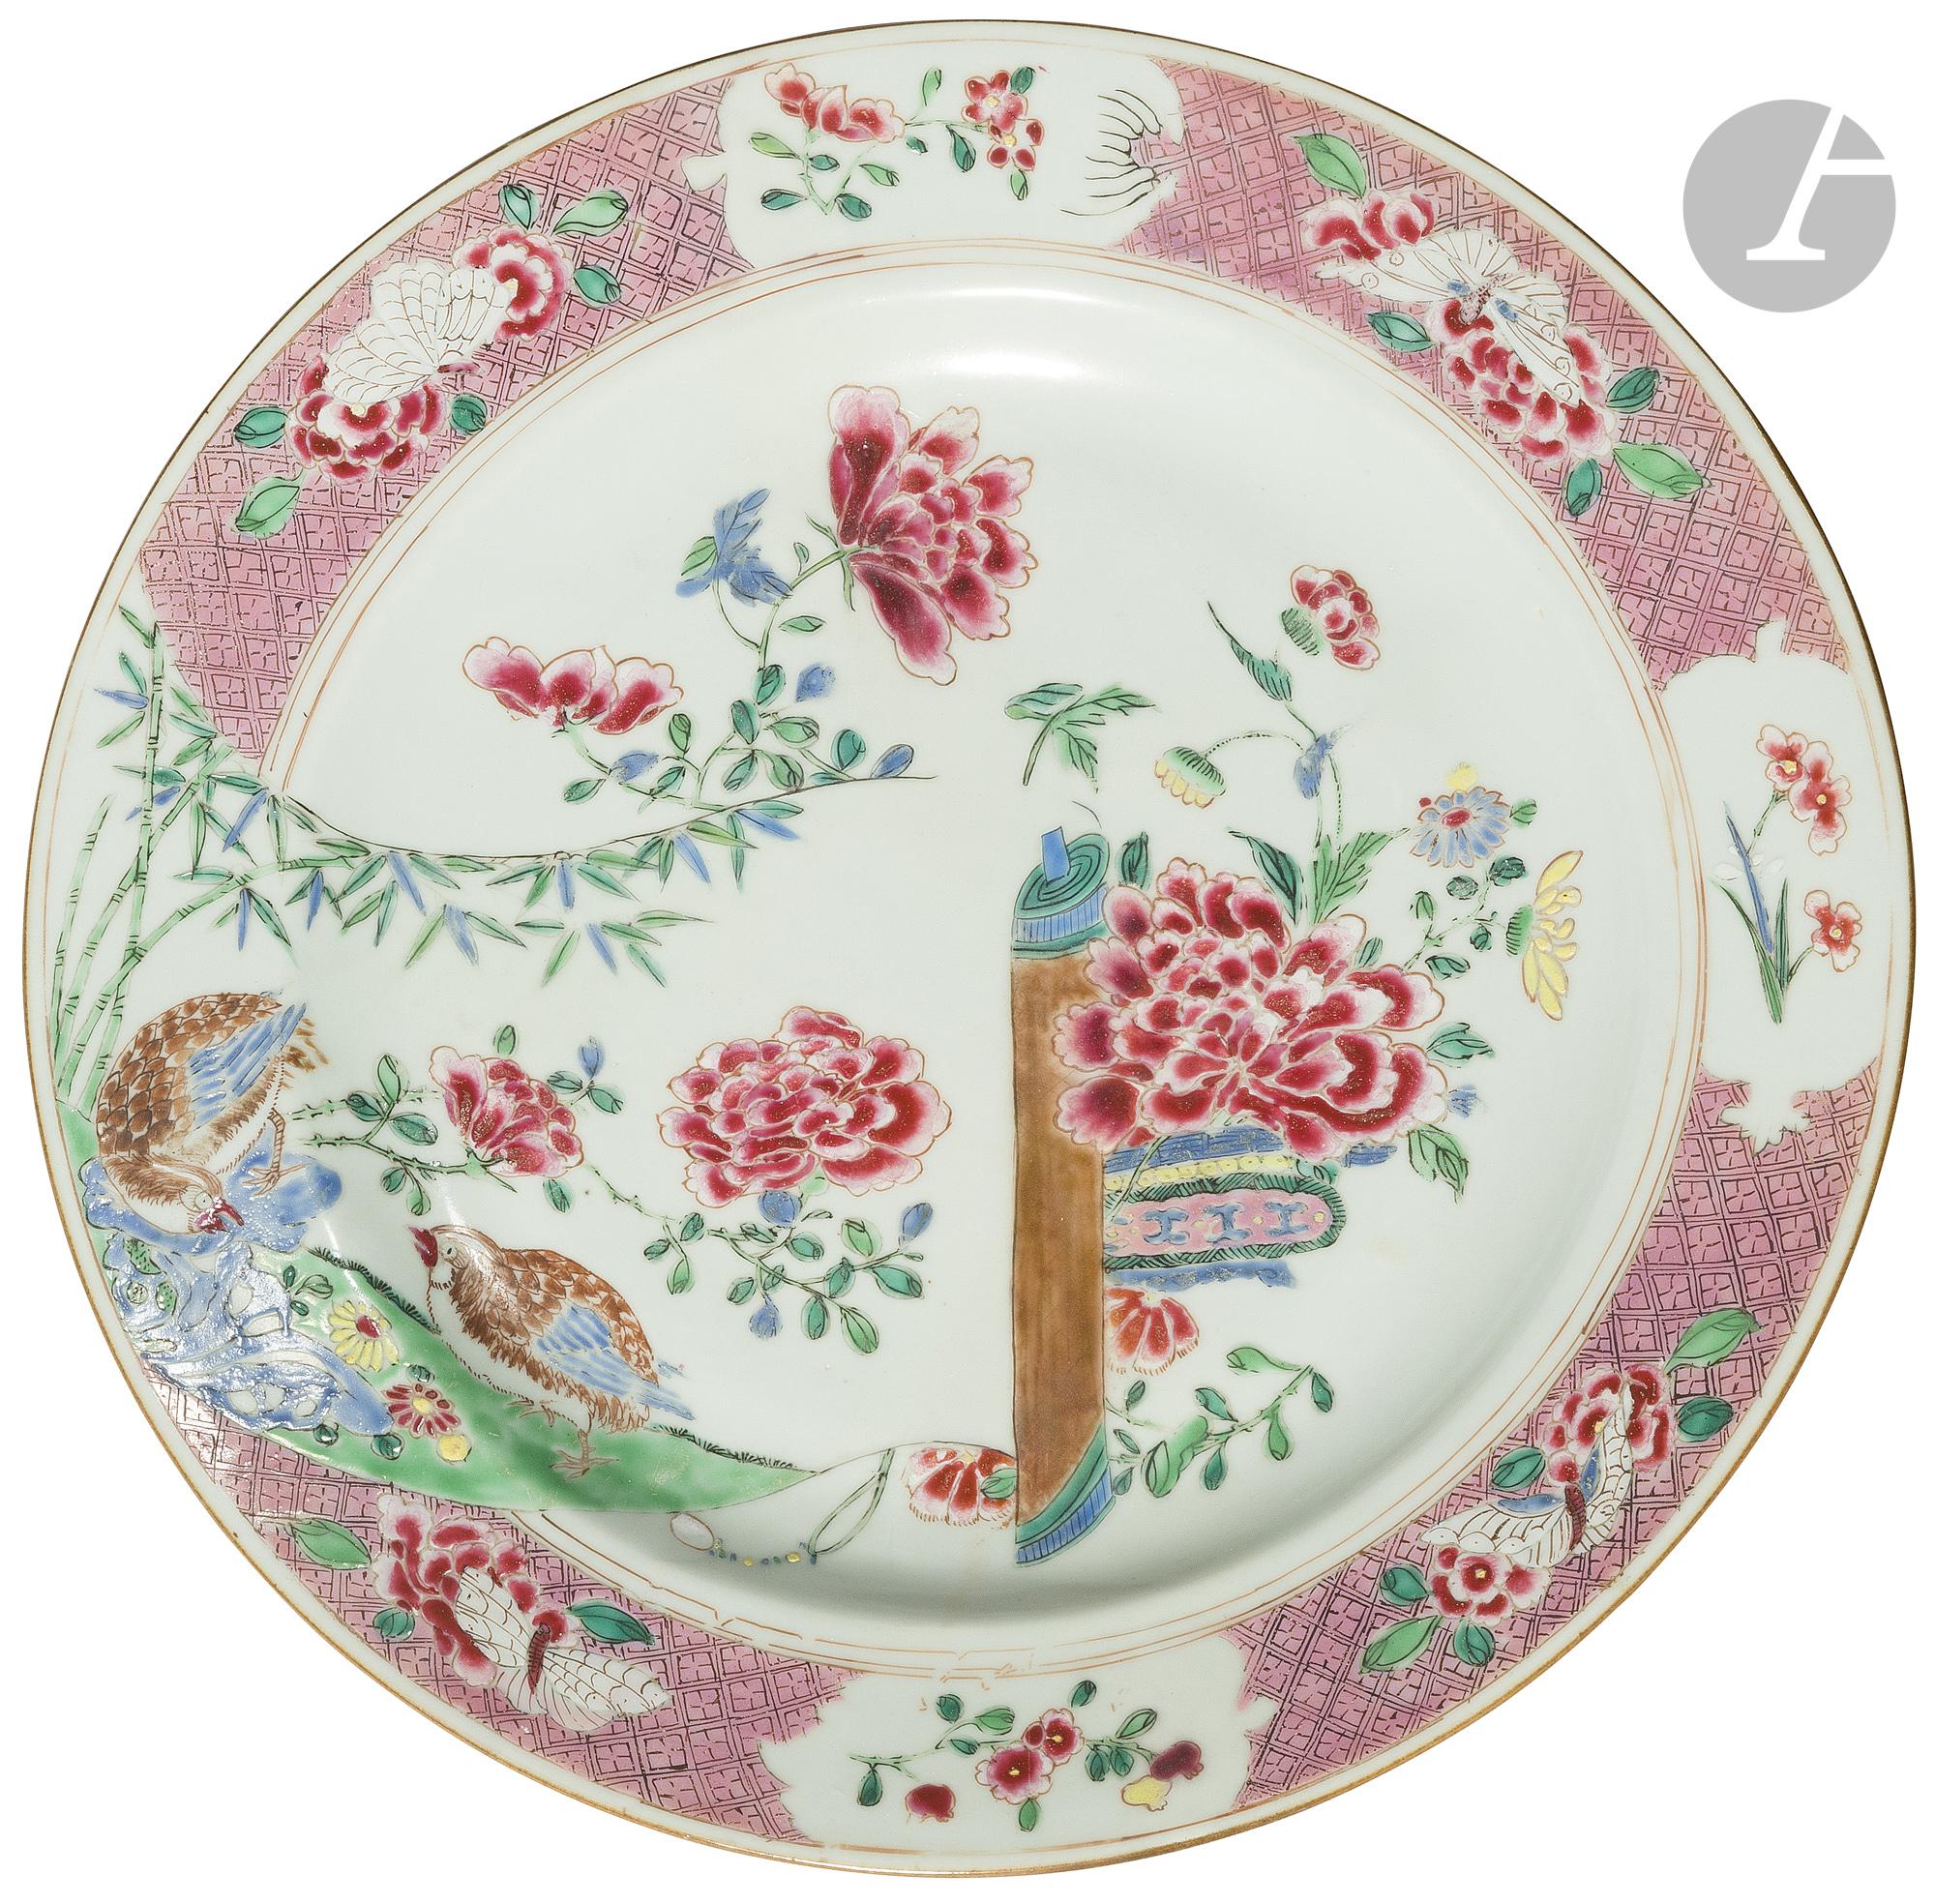 CHINE - XVIIIe siècle Plat en porcelaine émaillée polychrome des émaux de la famille rose à décor de